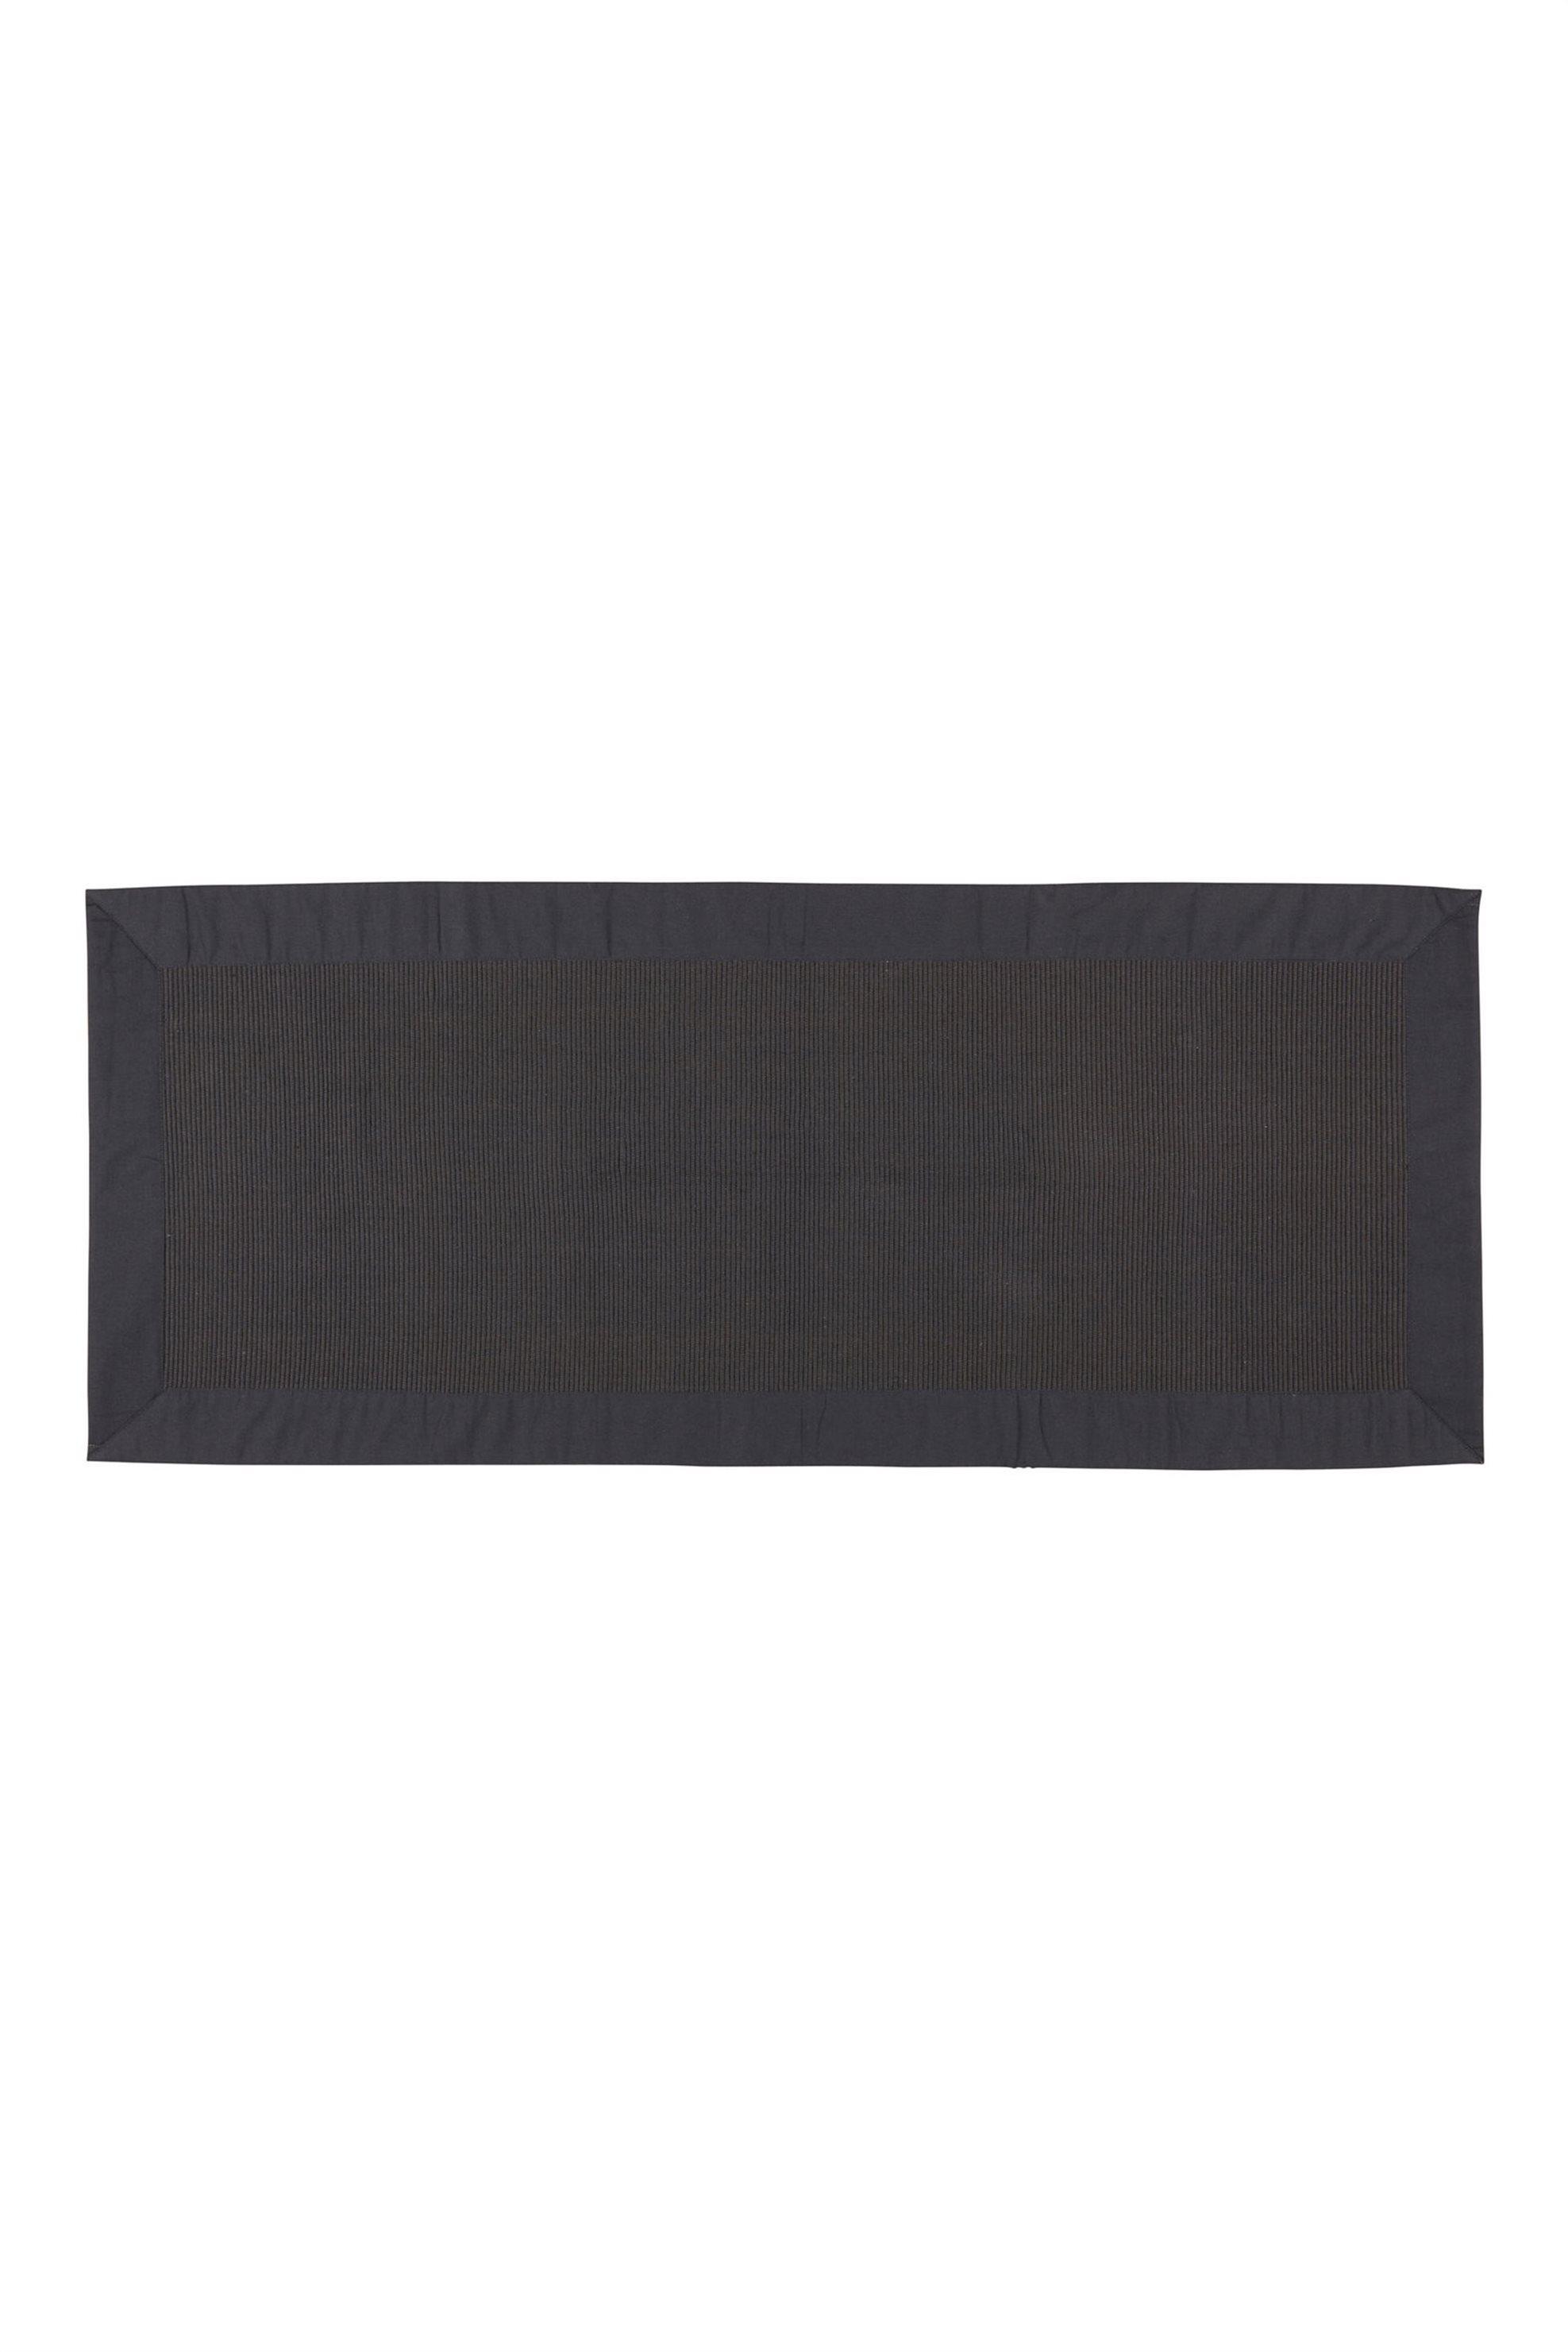 Σουπλά Zefiro μαύρο με ribbed σχέδιο 220 x 50 cm Coincasa - 000495944 - Μαύρο home   κουζινα   σαλονι   σουπλά